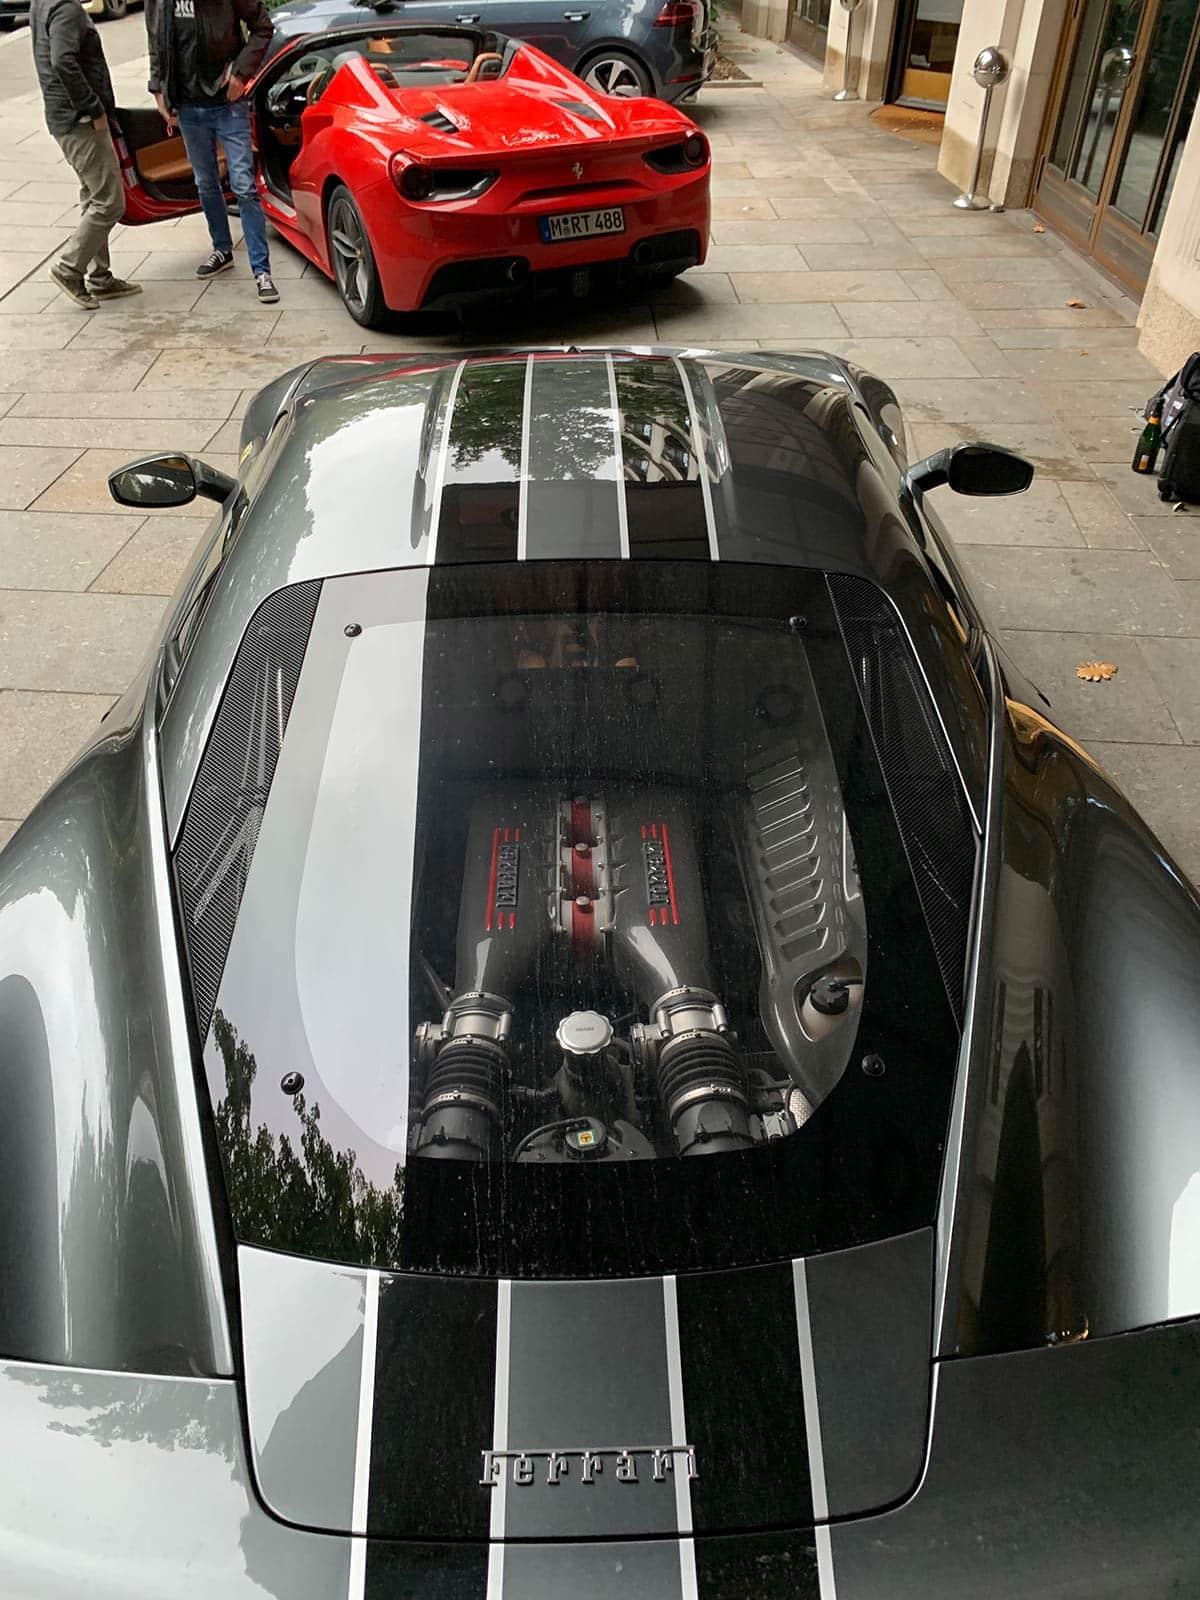 Ferrari 458 Speciale engine